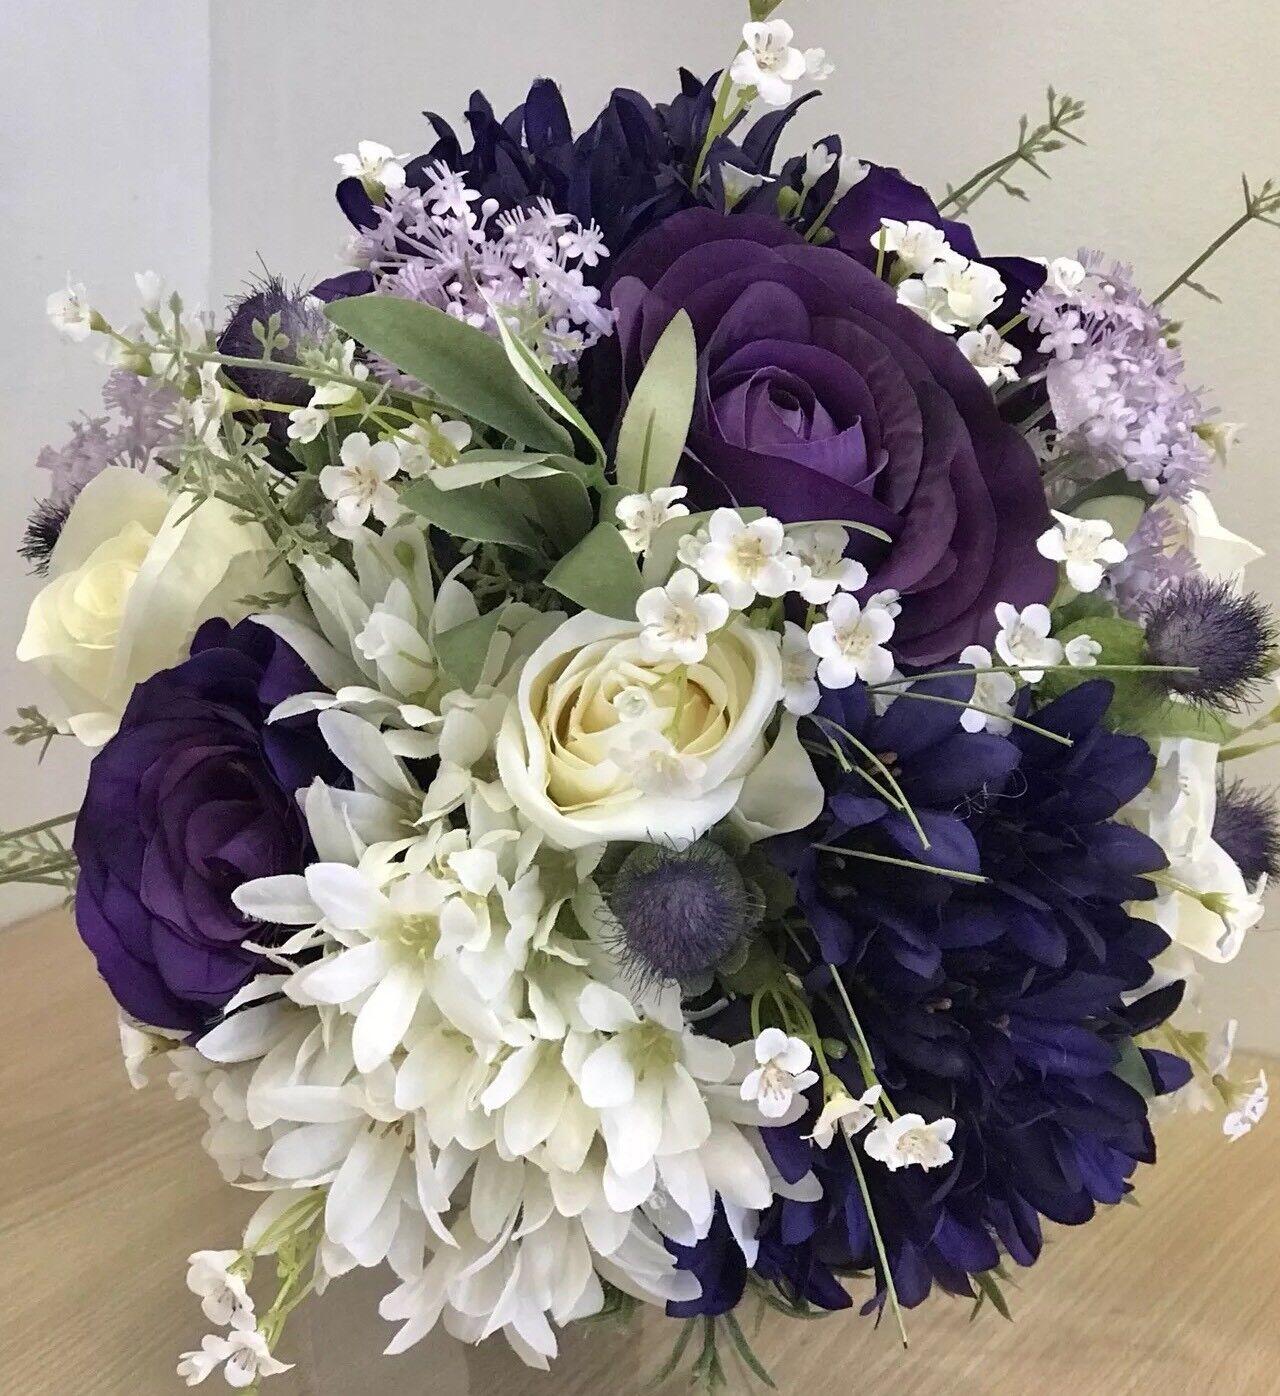 Artificiel wedding bouquet, mariée, mariage, en soie, rose, chardon, Agapanthus